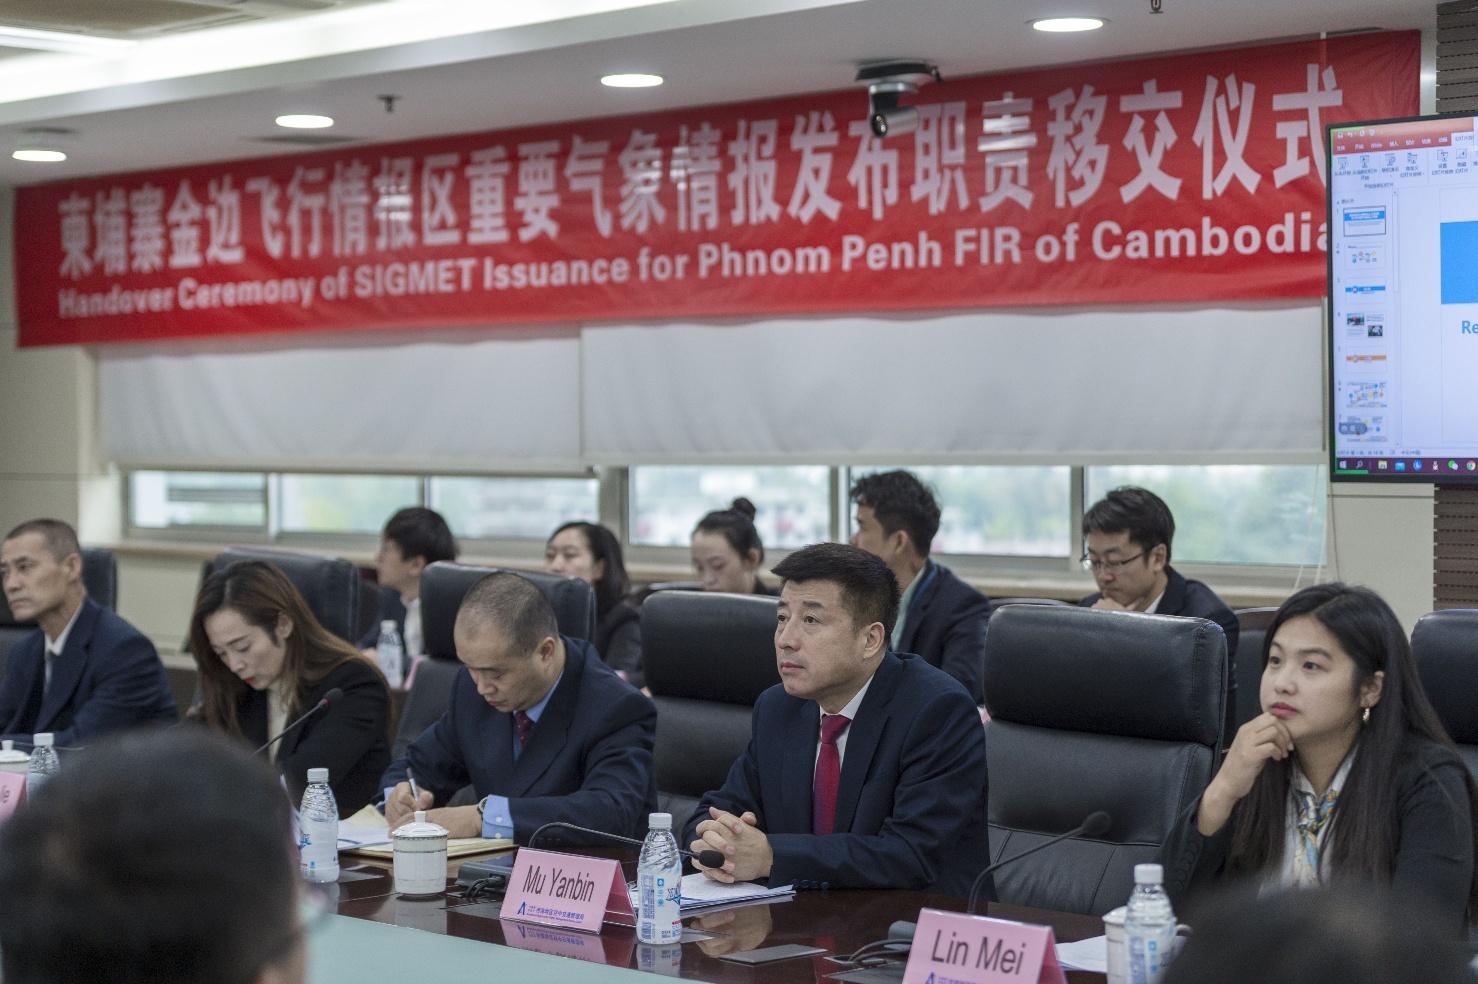 中柬民航兄弟情,十年合作创典范 中国民航顺利完成柬埔寨金边飞行情报区重要气象情报发布职责移交工作